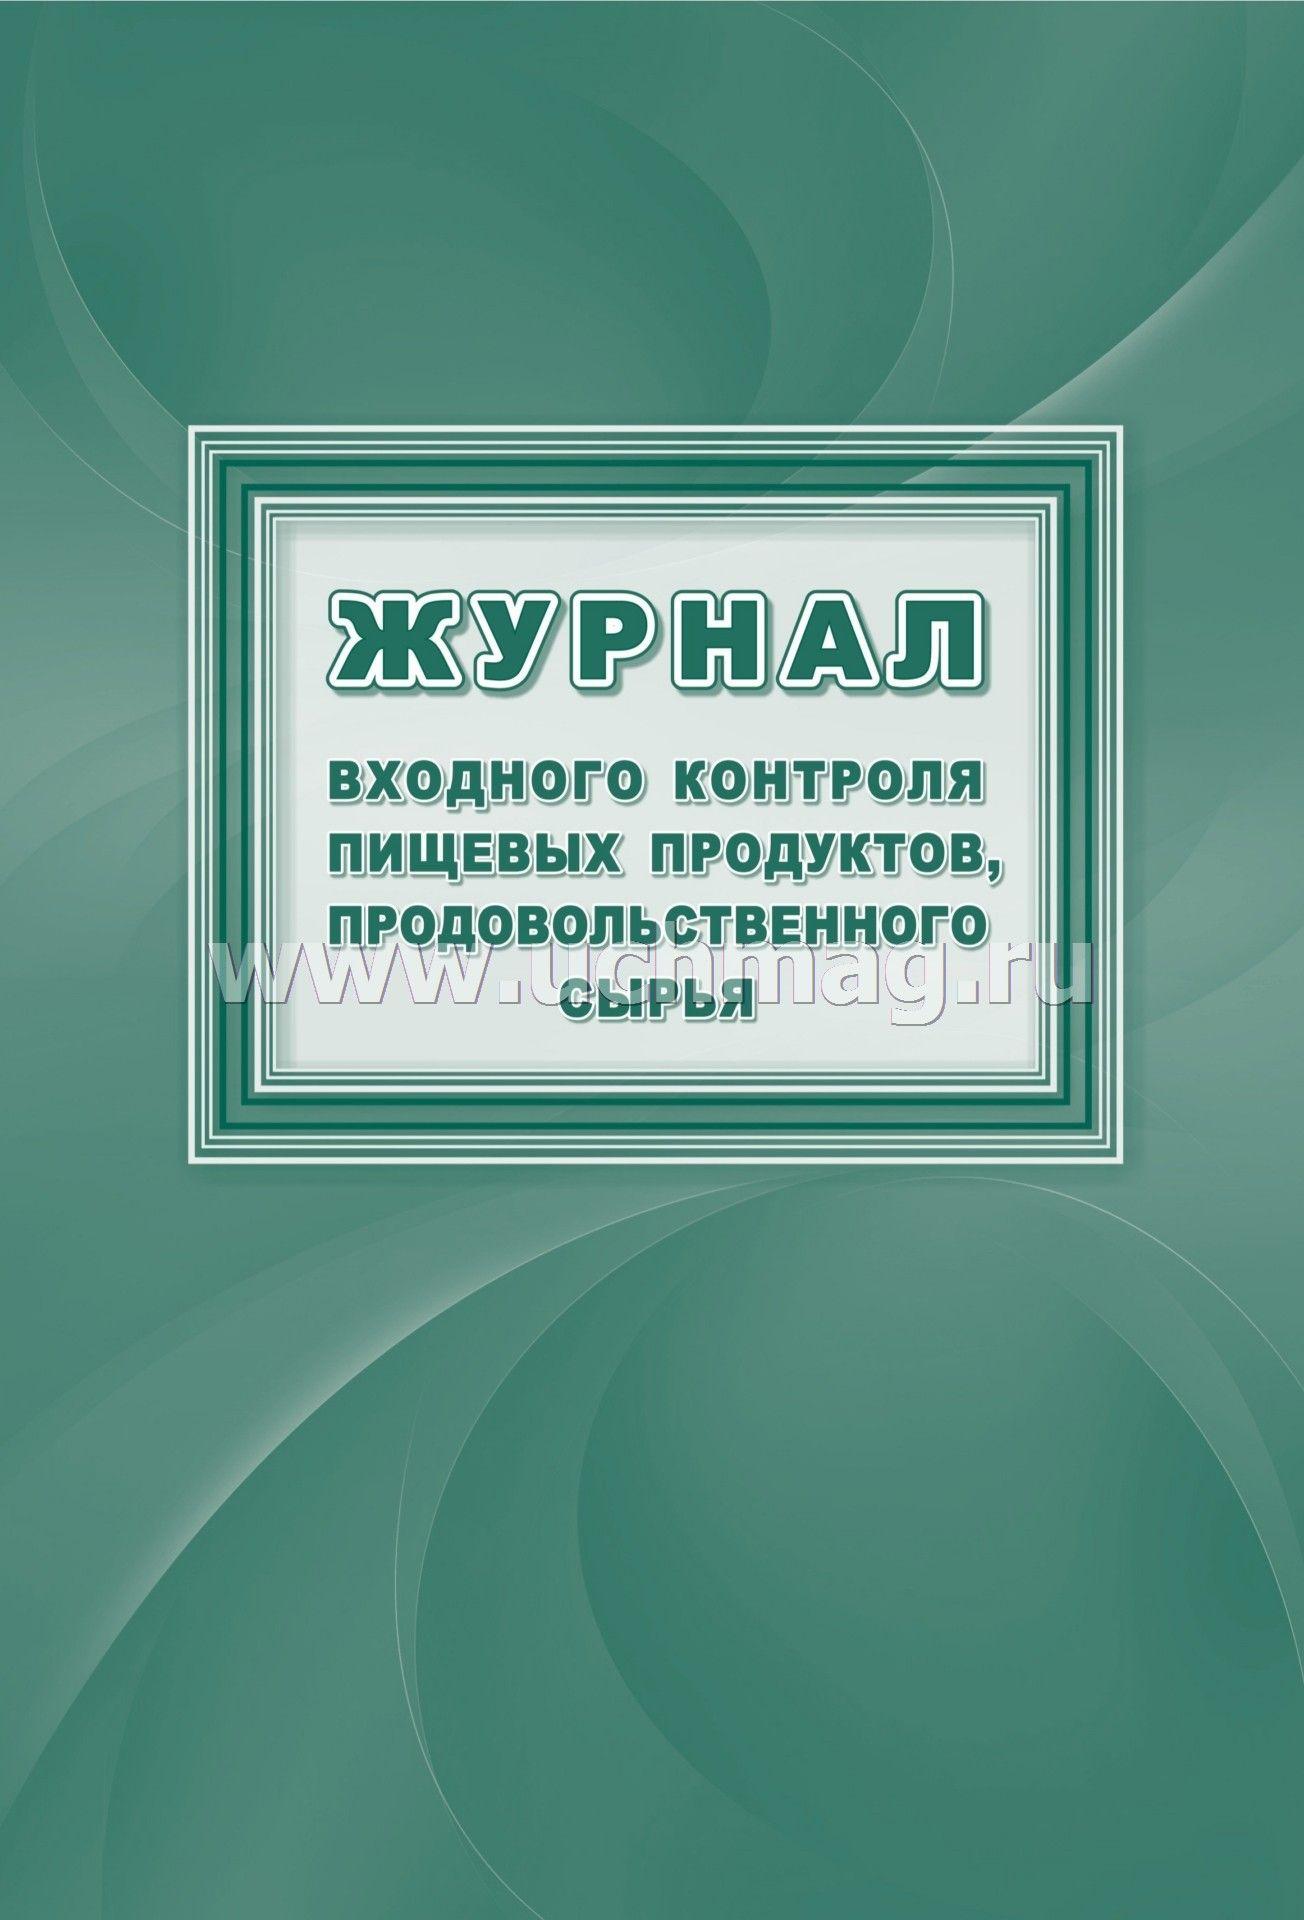 Образец журнал входного контроля пищевых продуктов продовольственного сырья и